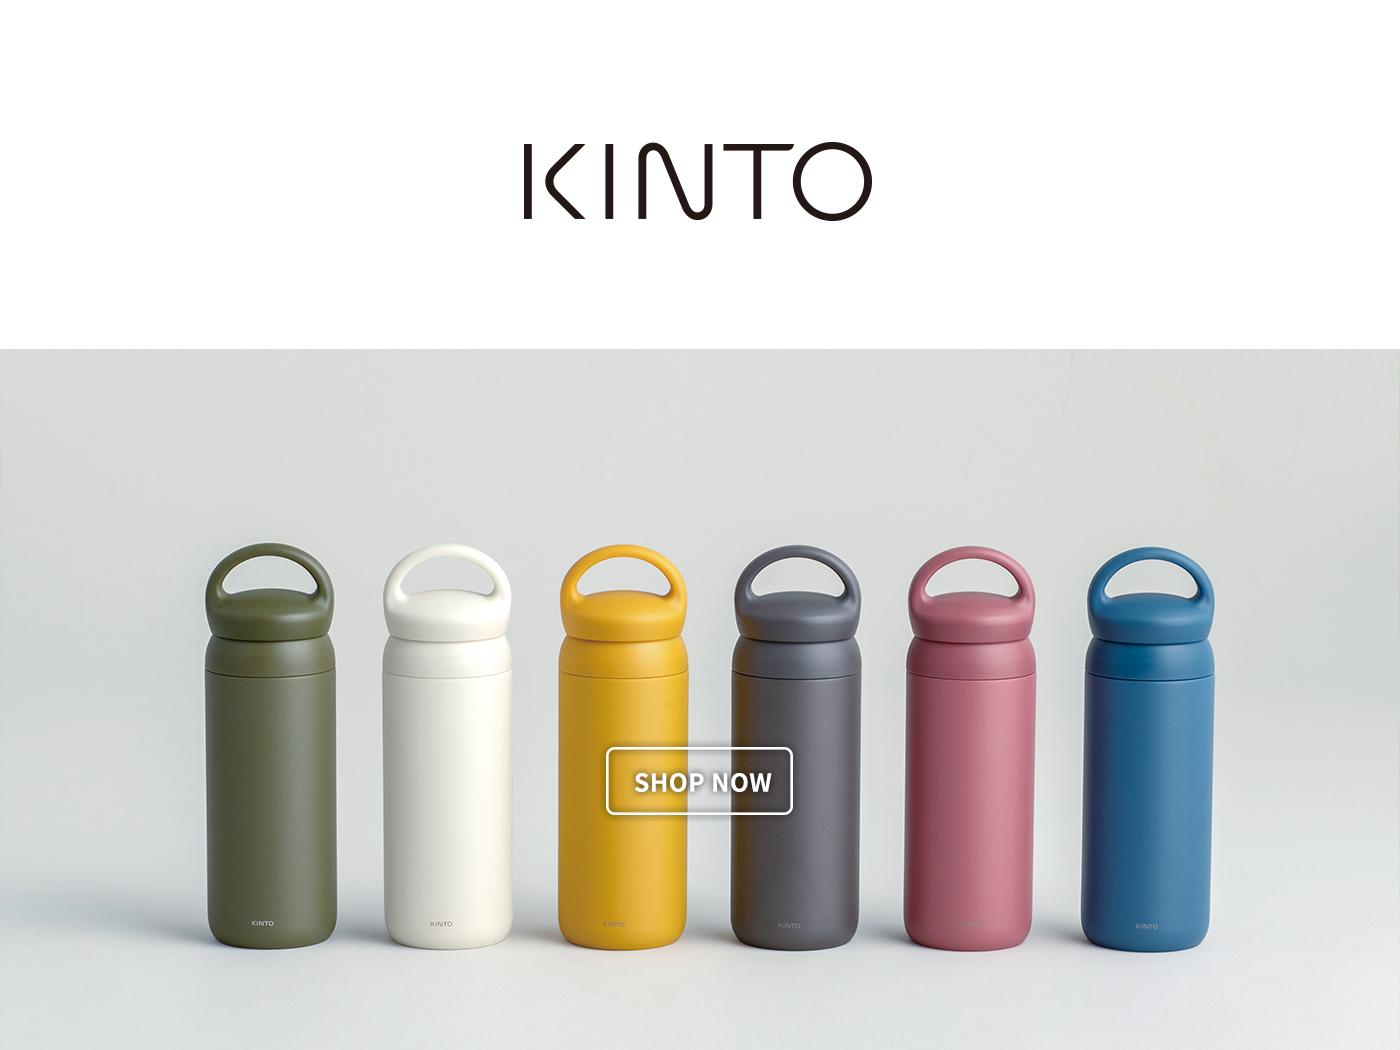 kinto,kinto 手沖壺,kinto 保溫瓶,kinto 濾杯,kinto 茶壺,kinto japan,kinto 馬克杯,kinto 台灣,kinto 日本,